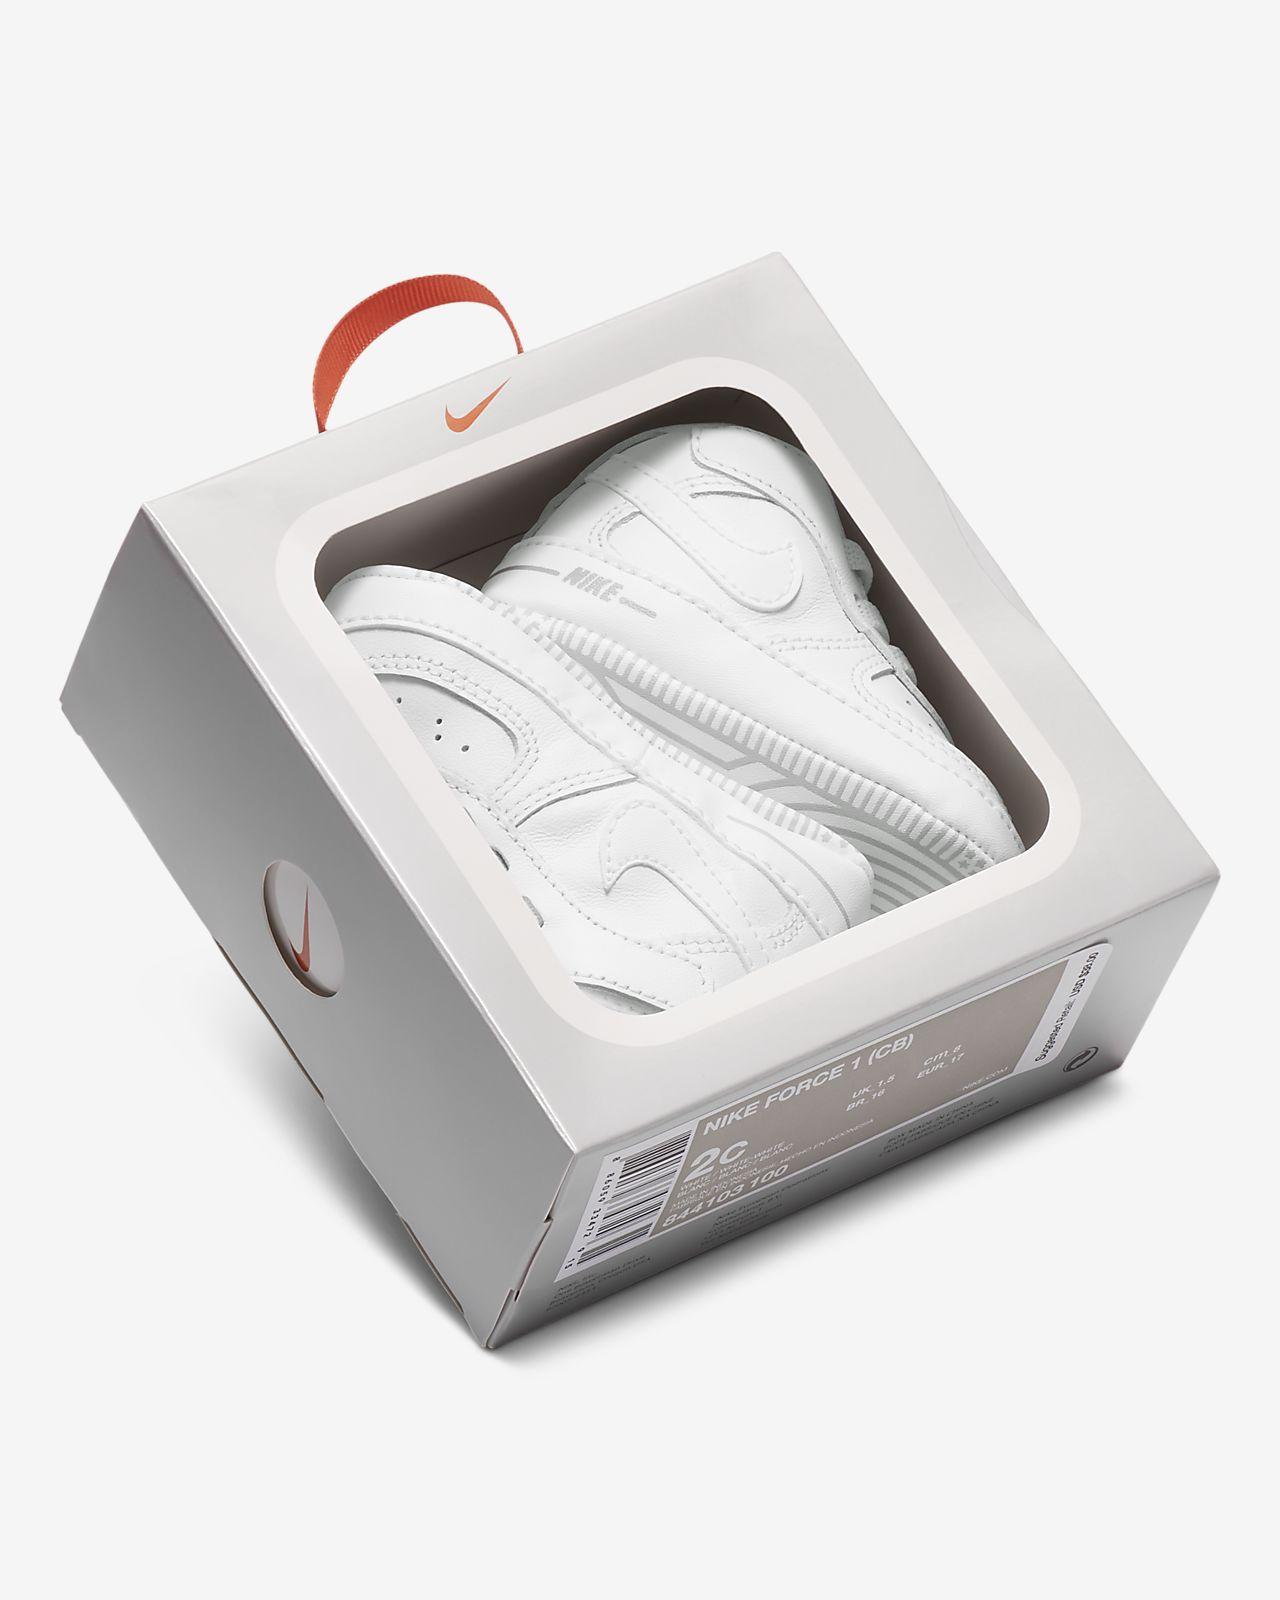 sélectionner pour l'original moderne et élégant à la mode dessins attrayants Chausson Nike Force 1 pour Bébé